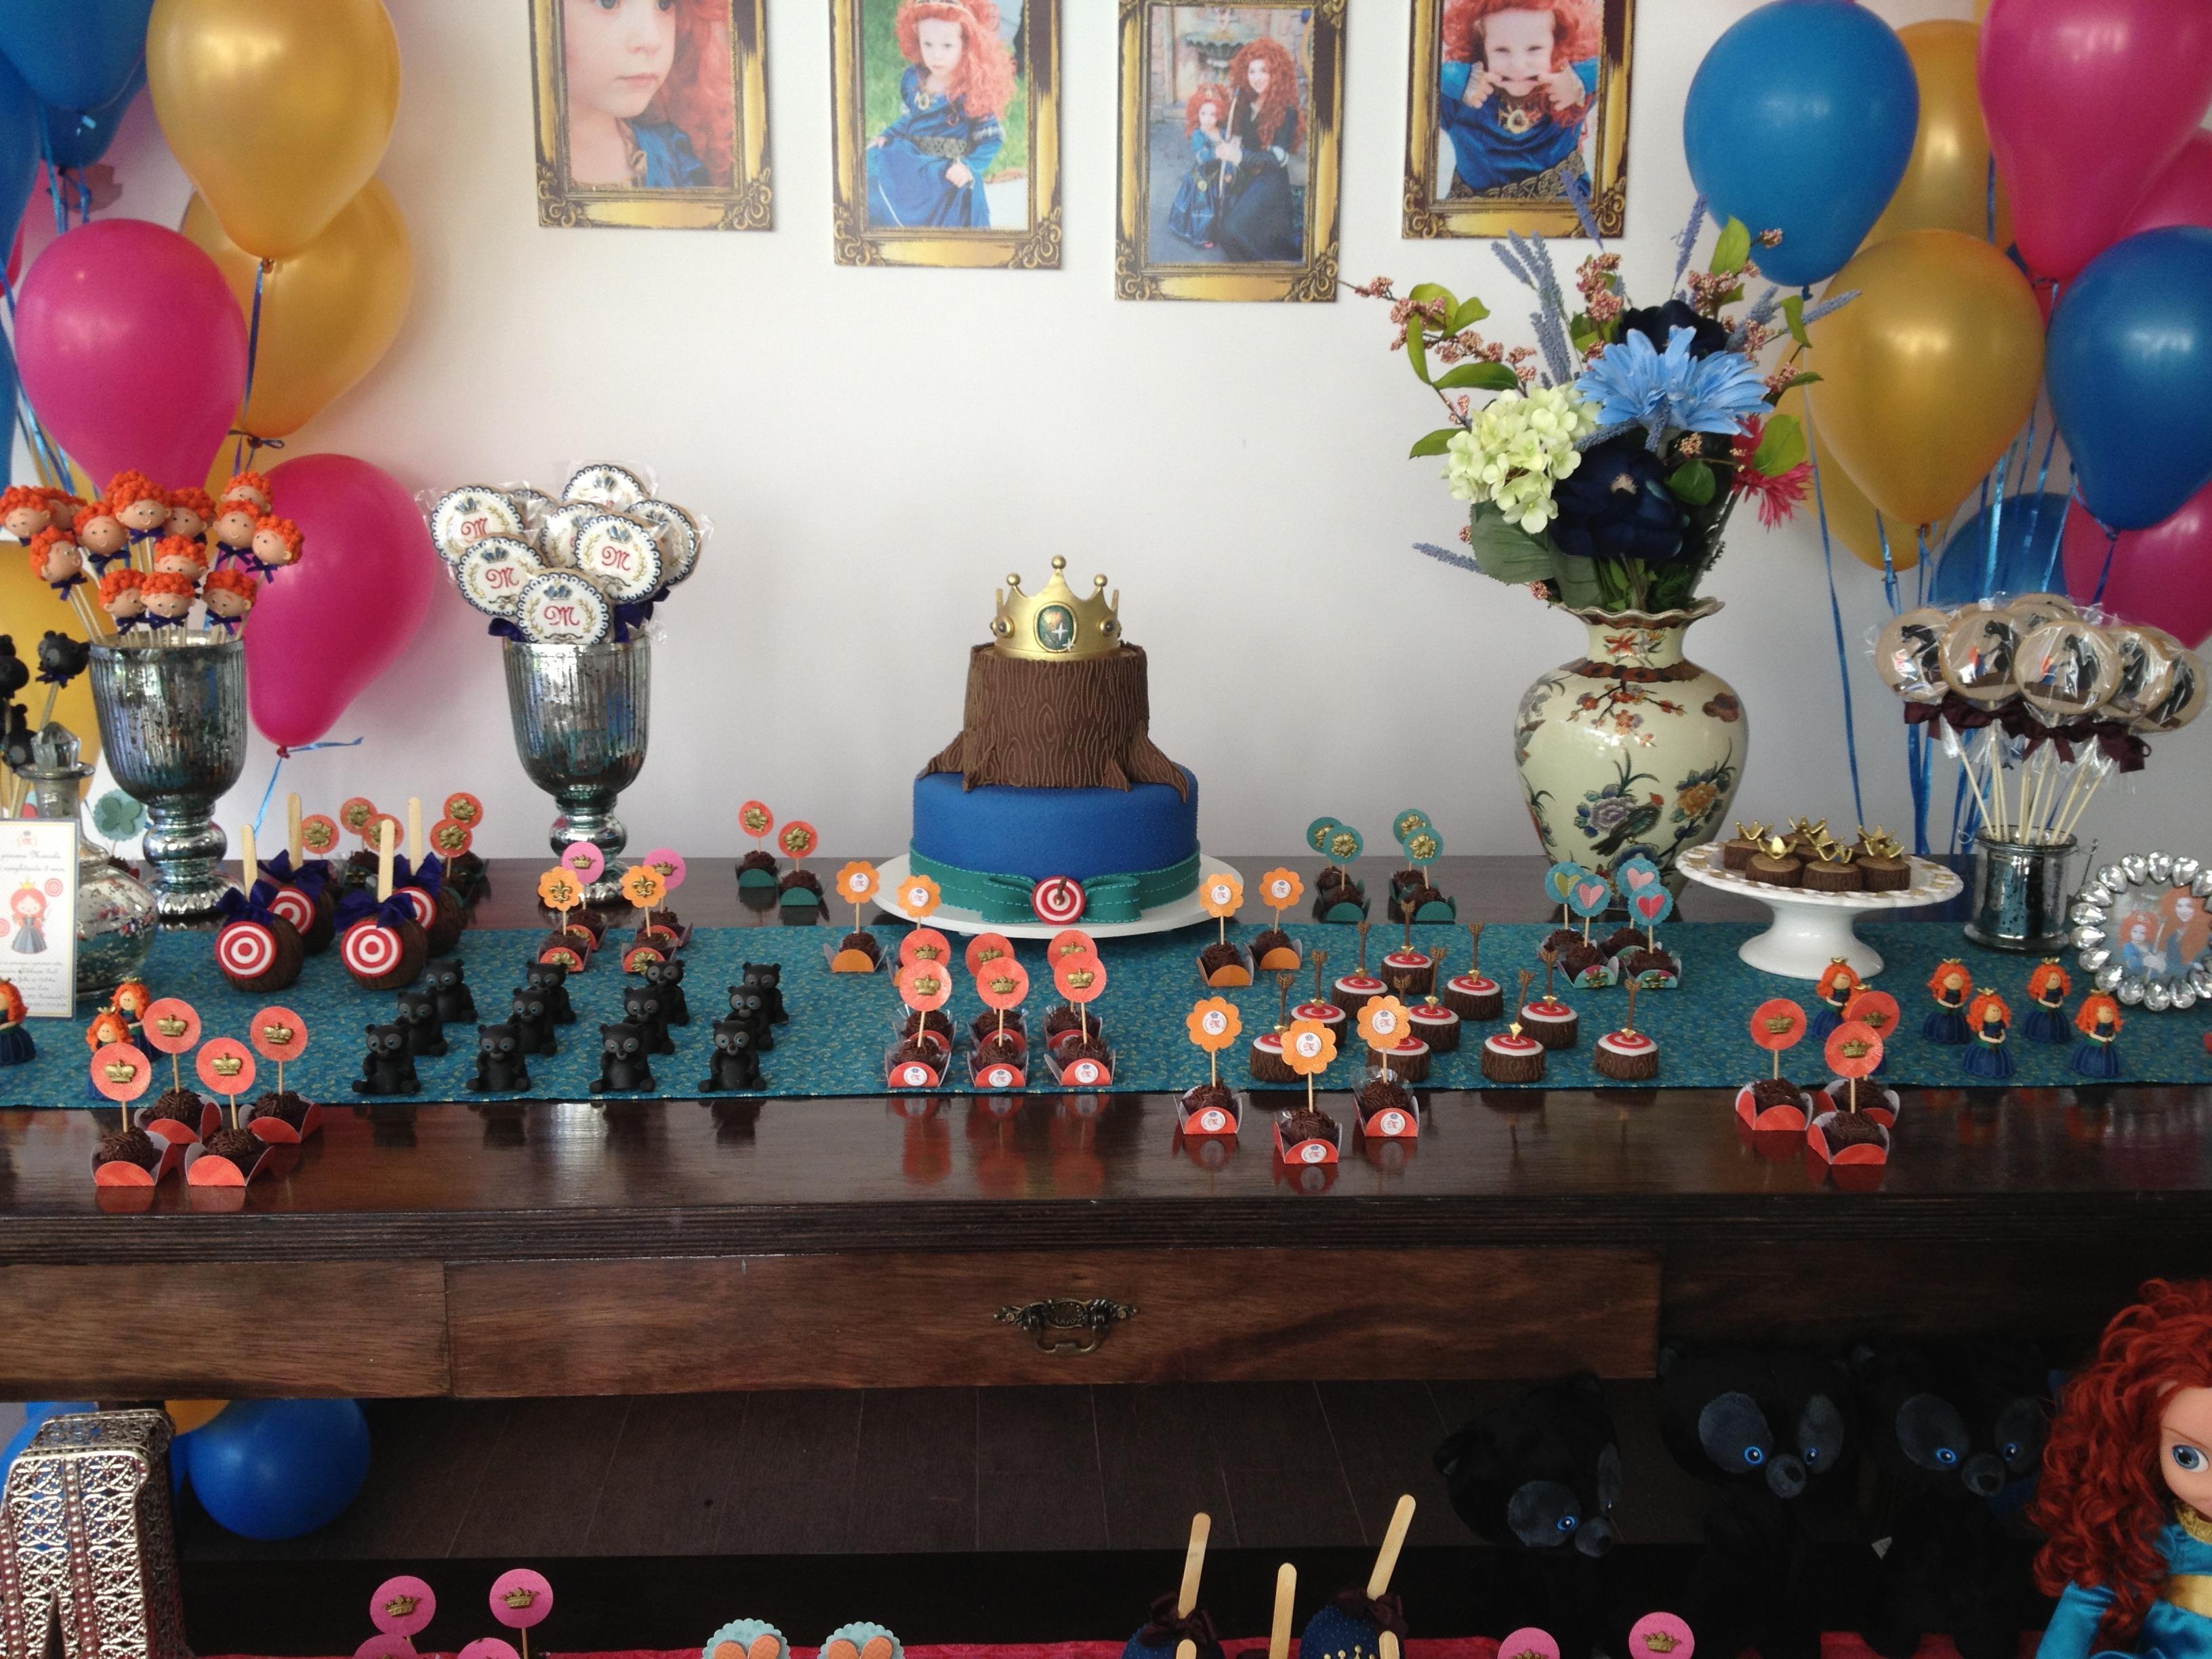 decoracao festa valente:decoracao-de-festa-infantil-valente decoracao-de-festa-infantil